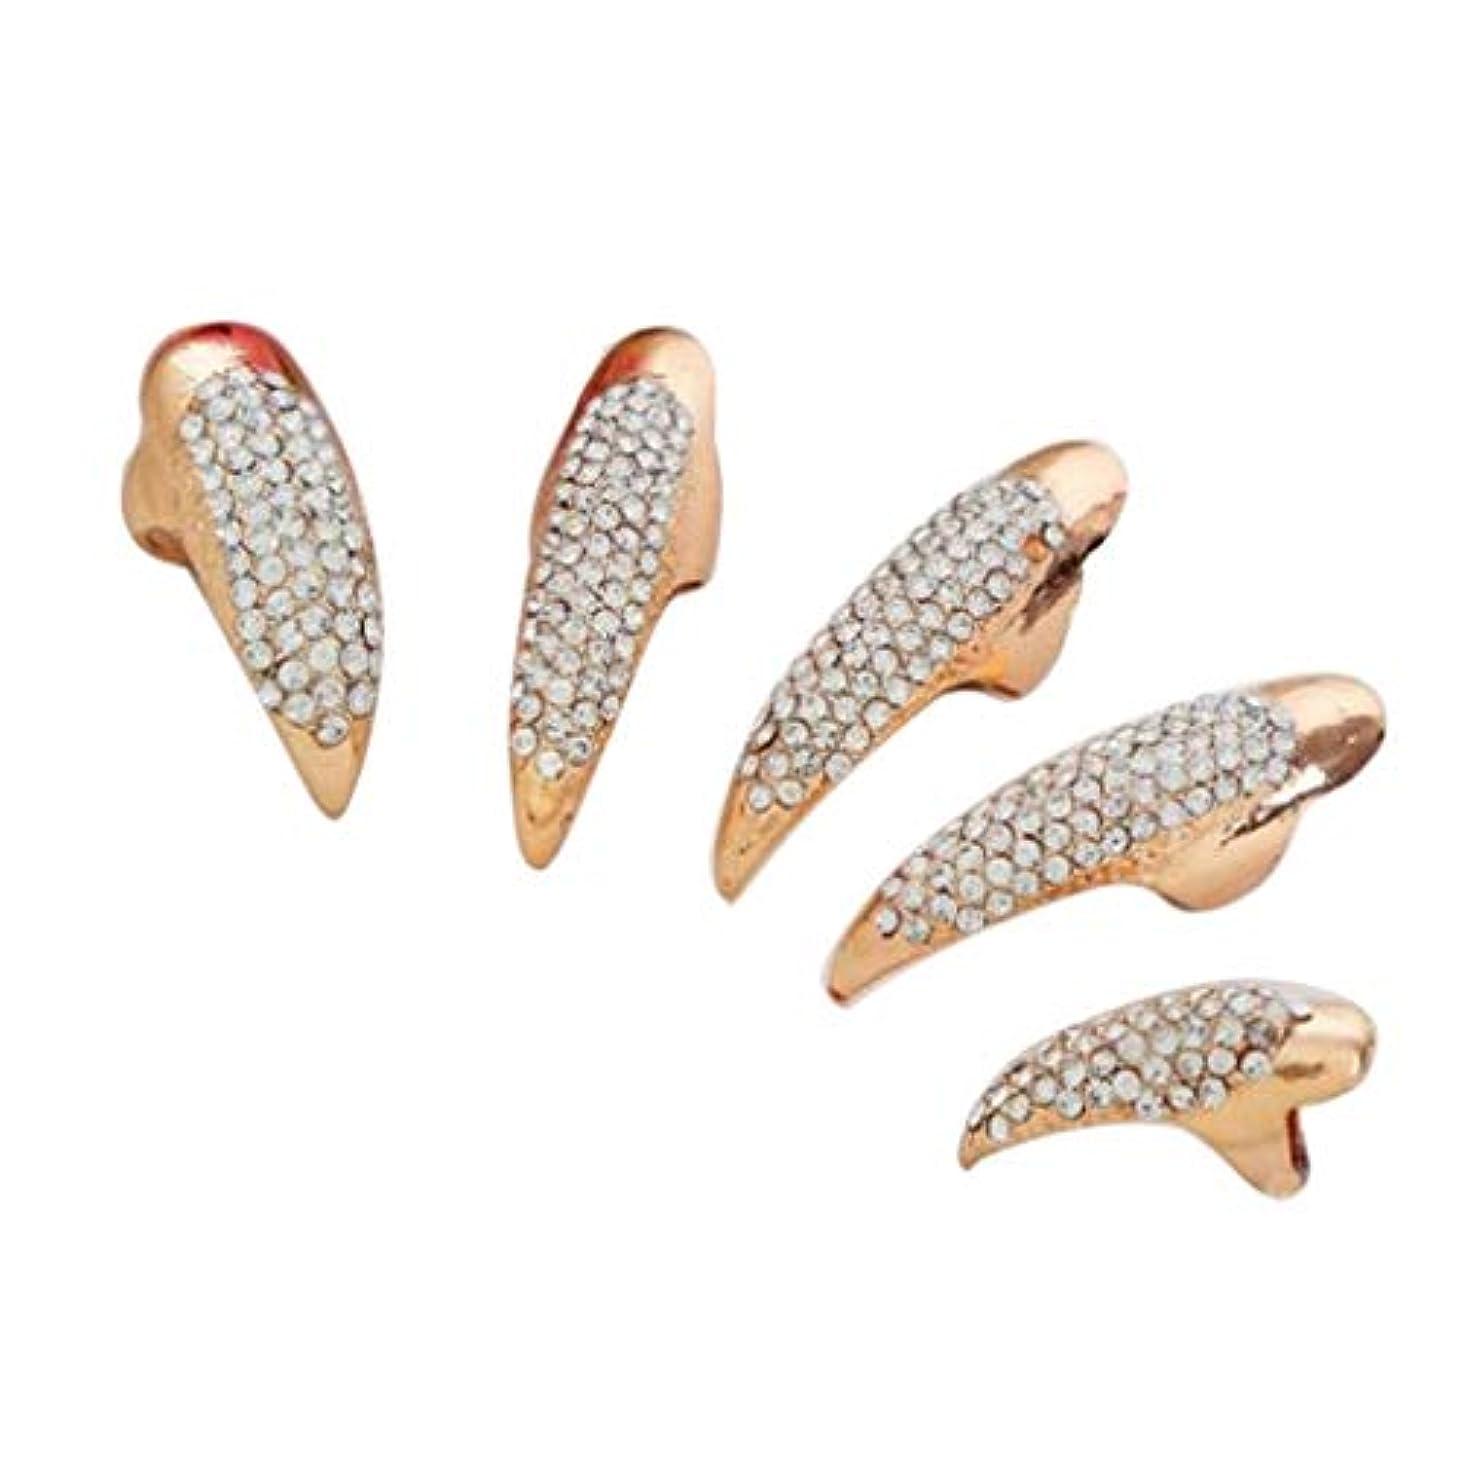 感動する社説ラップトップ爪リング ネイルチップ ネイルアート 人工の爪 曲げ爪 コスプレ パーティー 2色選べ - ゴールデン